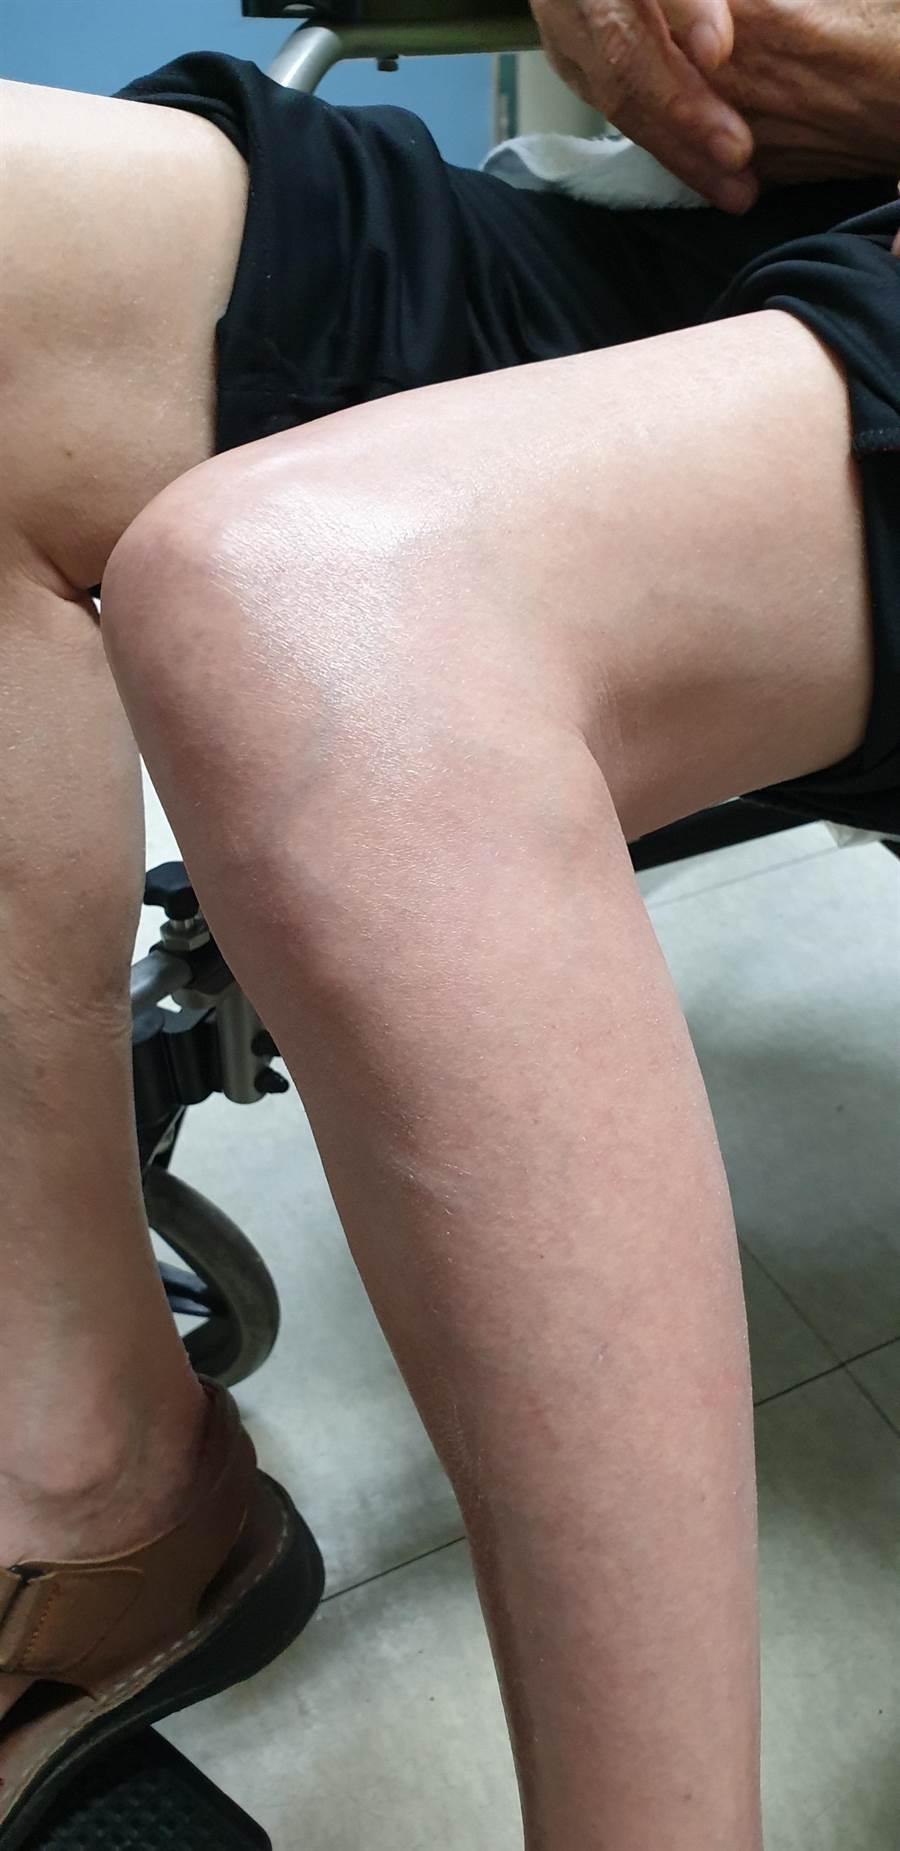 老翁看護發現他左大腿及小腿莫名紅腫,沒明顯外傷也不會痛,時間長達兩個禮拜。(彰化醫院提供/吳建輝彰化傳真)